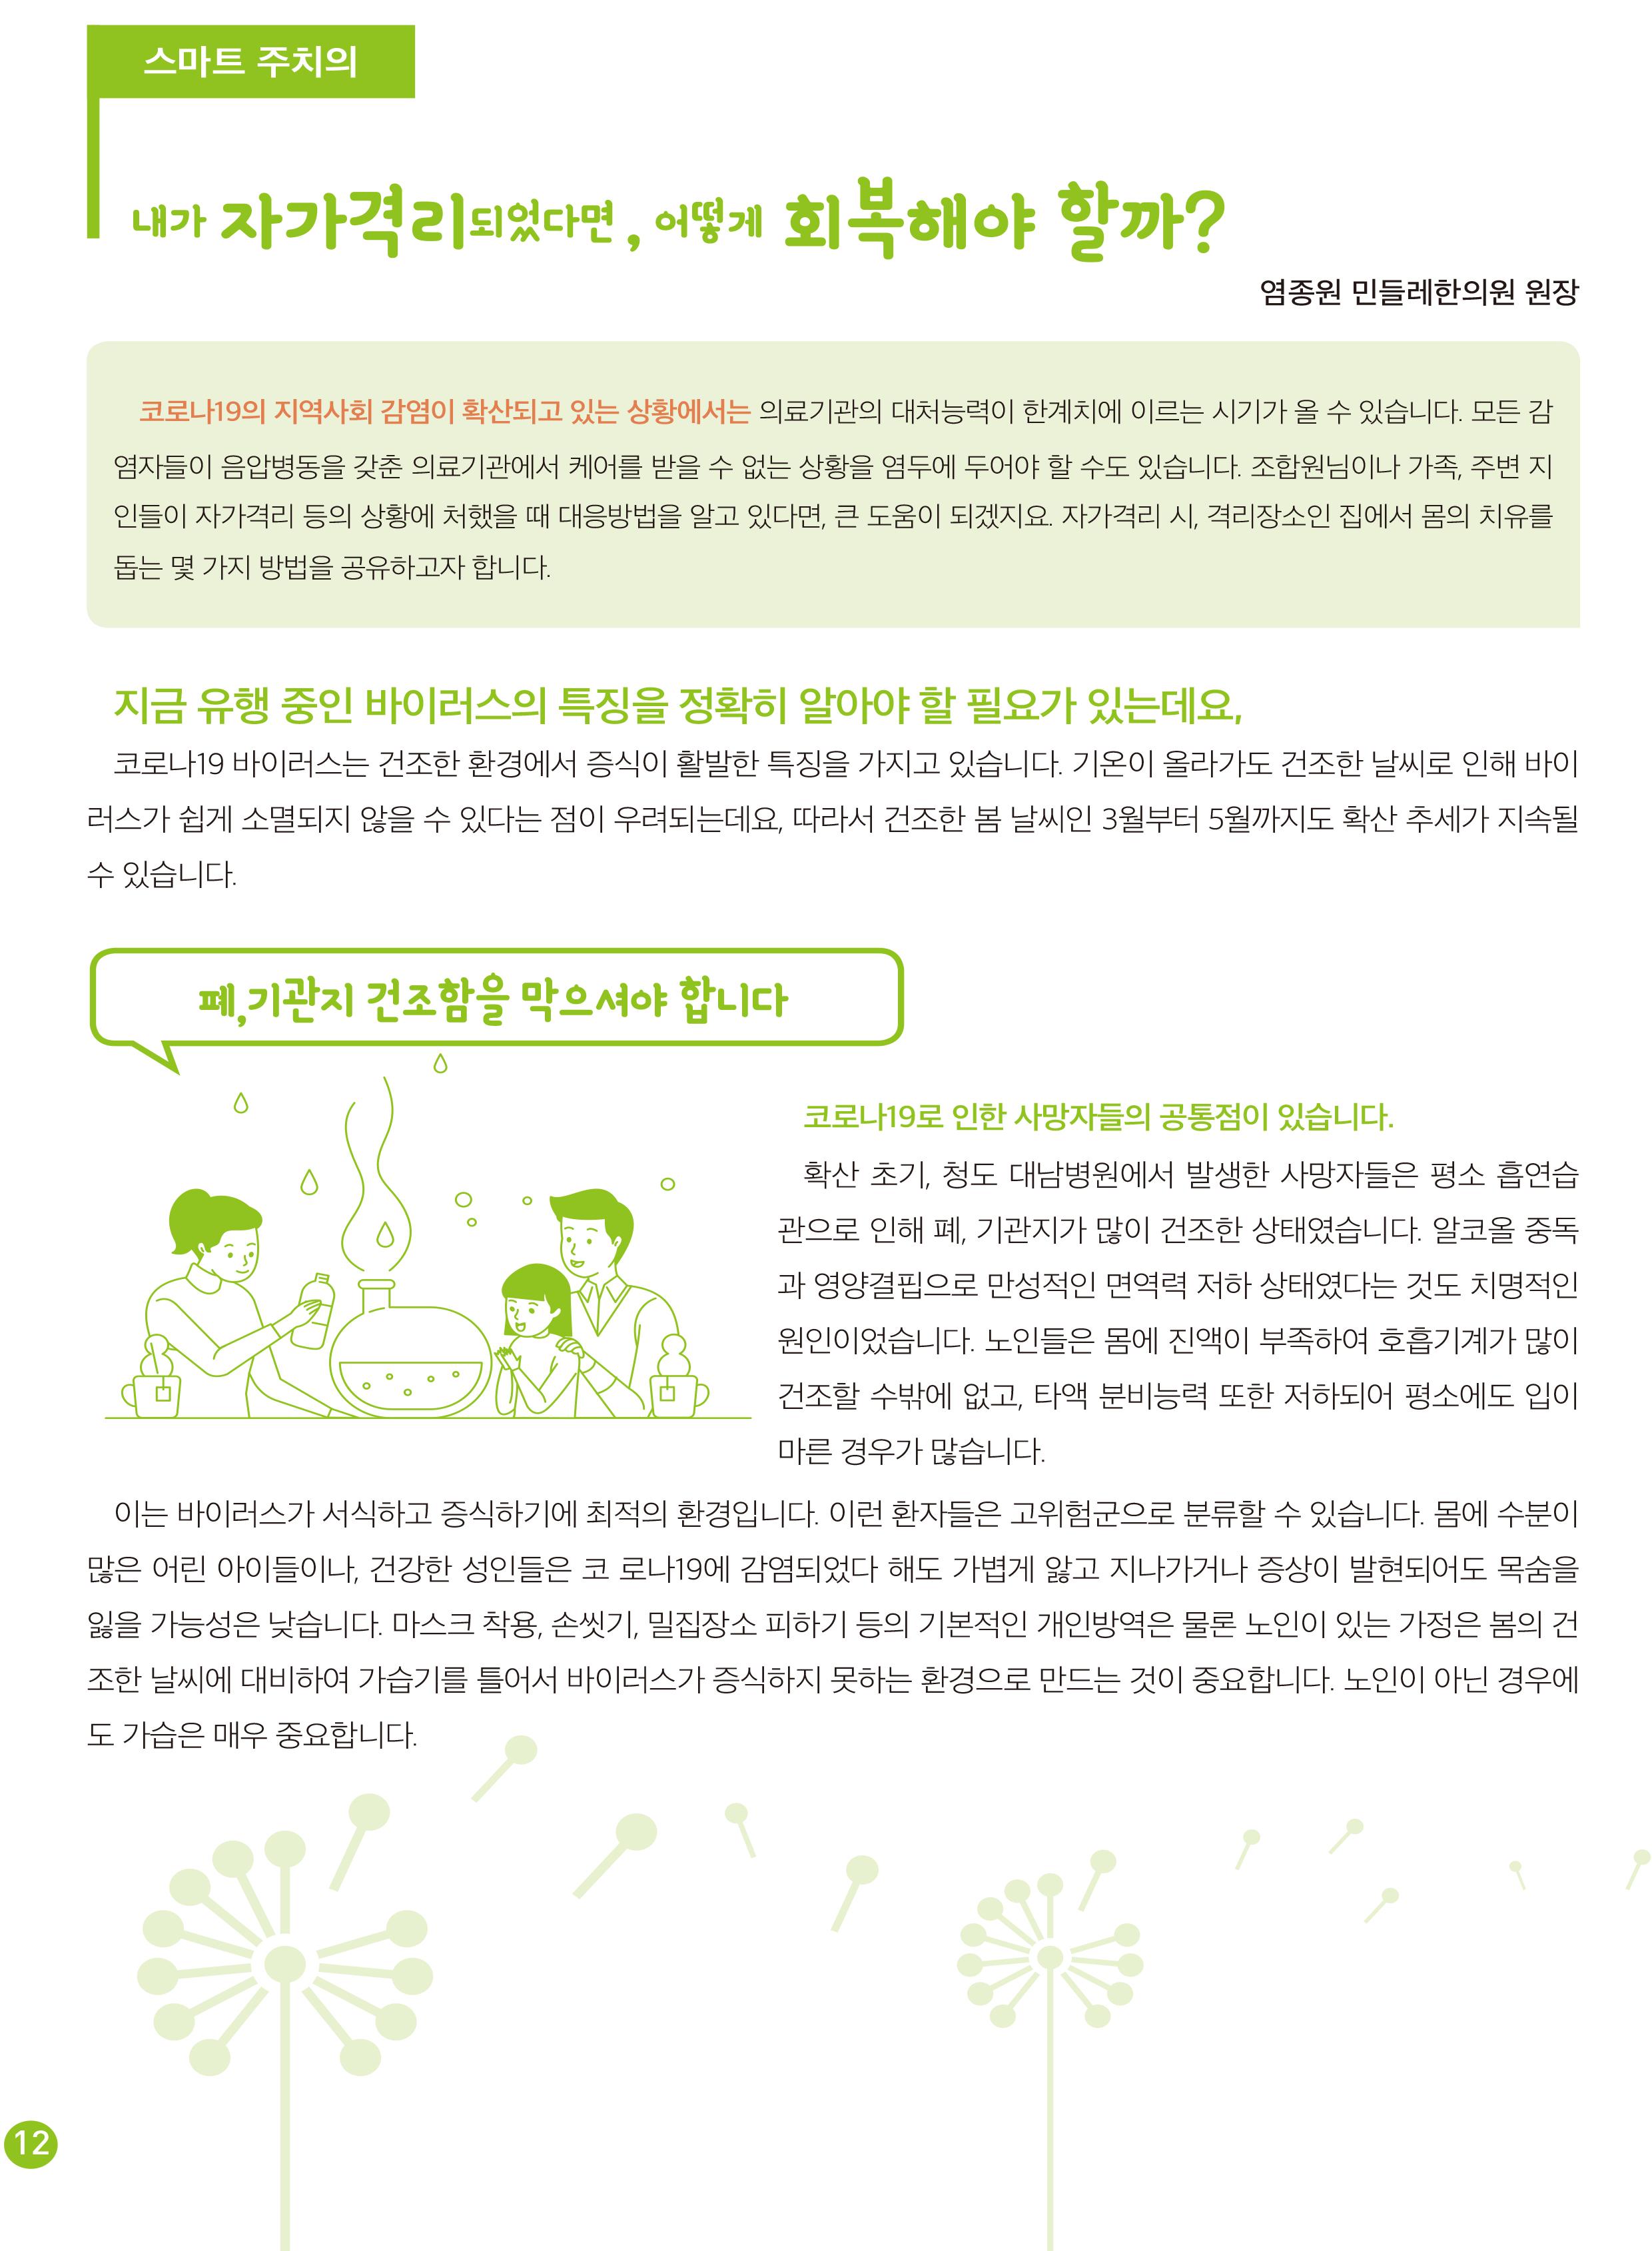 민들레 소식지 5월호 _ 시안(최종)-12.jpg